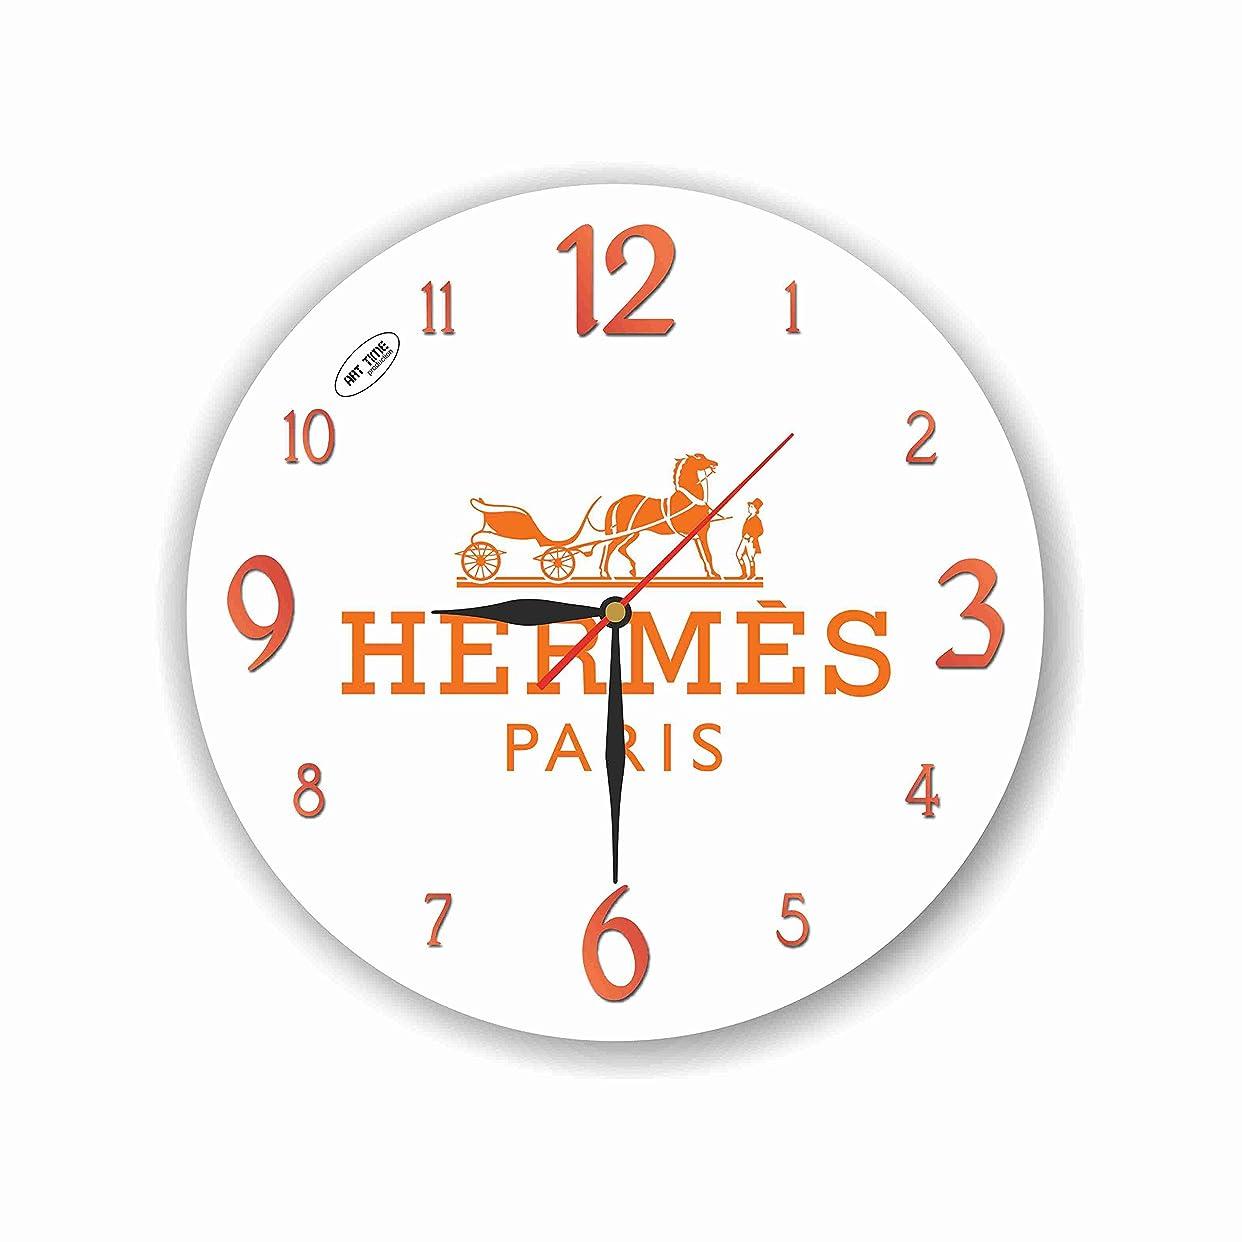 中断ウェーハ断片Hermes 11'' 壁時計 (エルメス) あなたの友人のための最高の贈り物。あなたの家のためのオリジナルデザイン